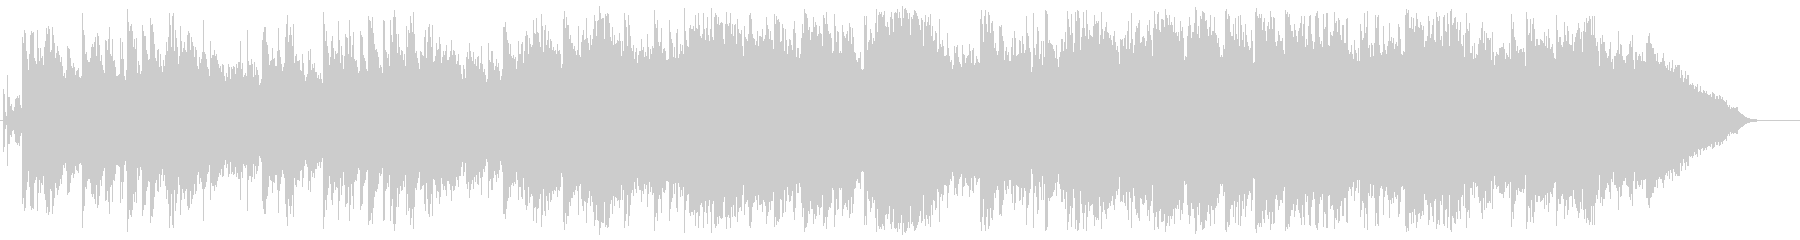 切ないドラマチックなBGMの未再生の波形